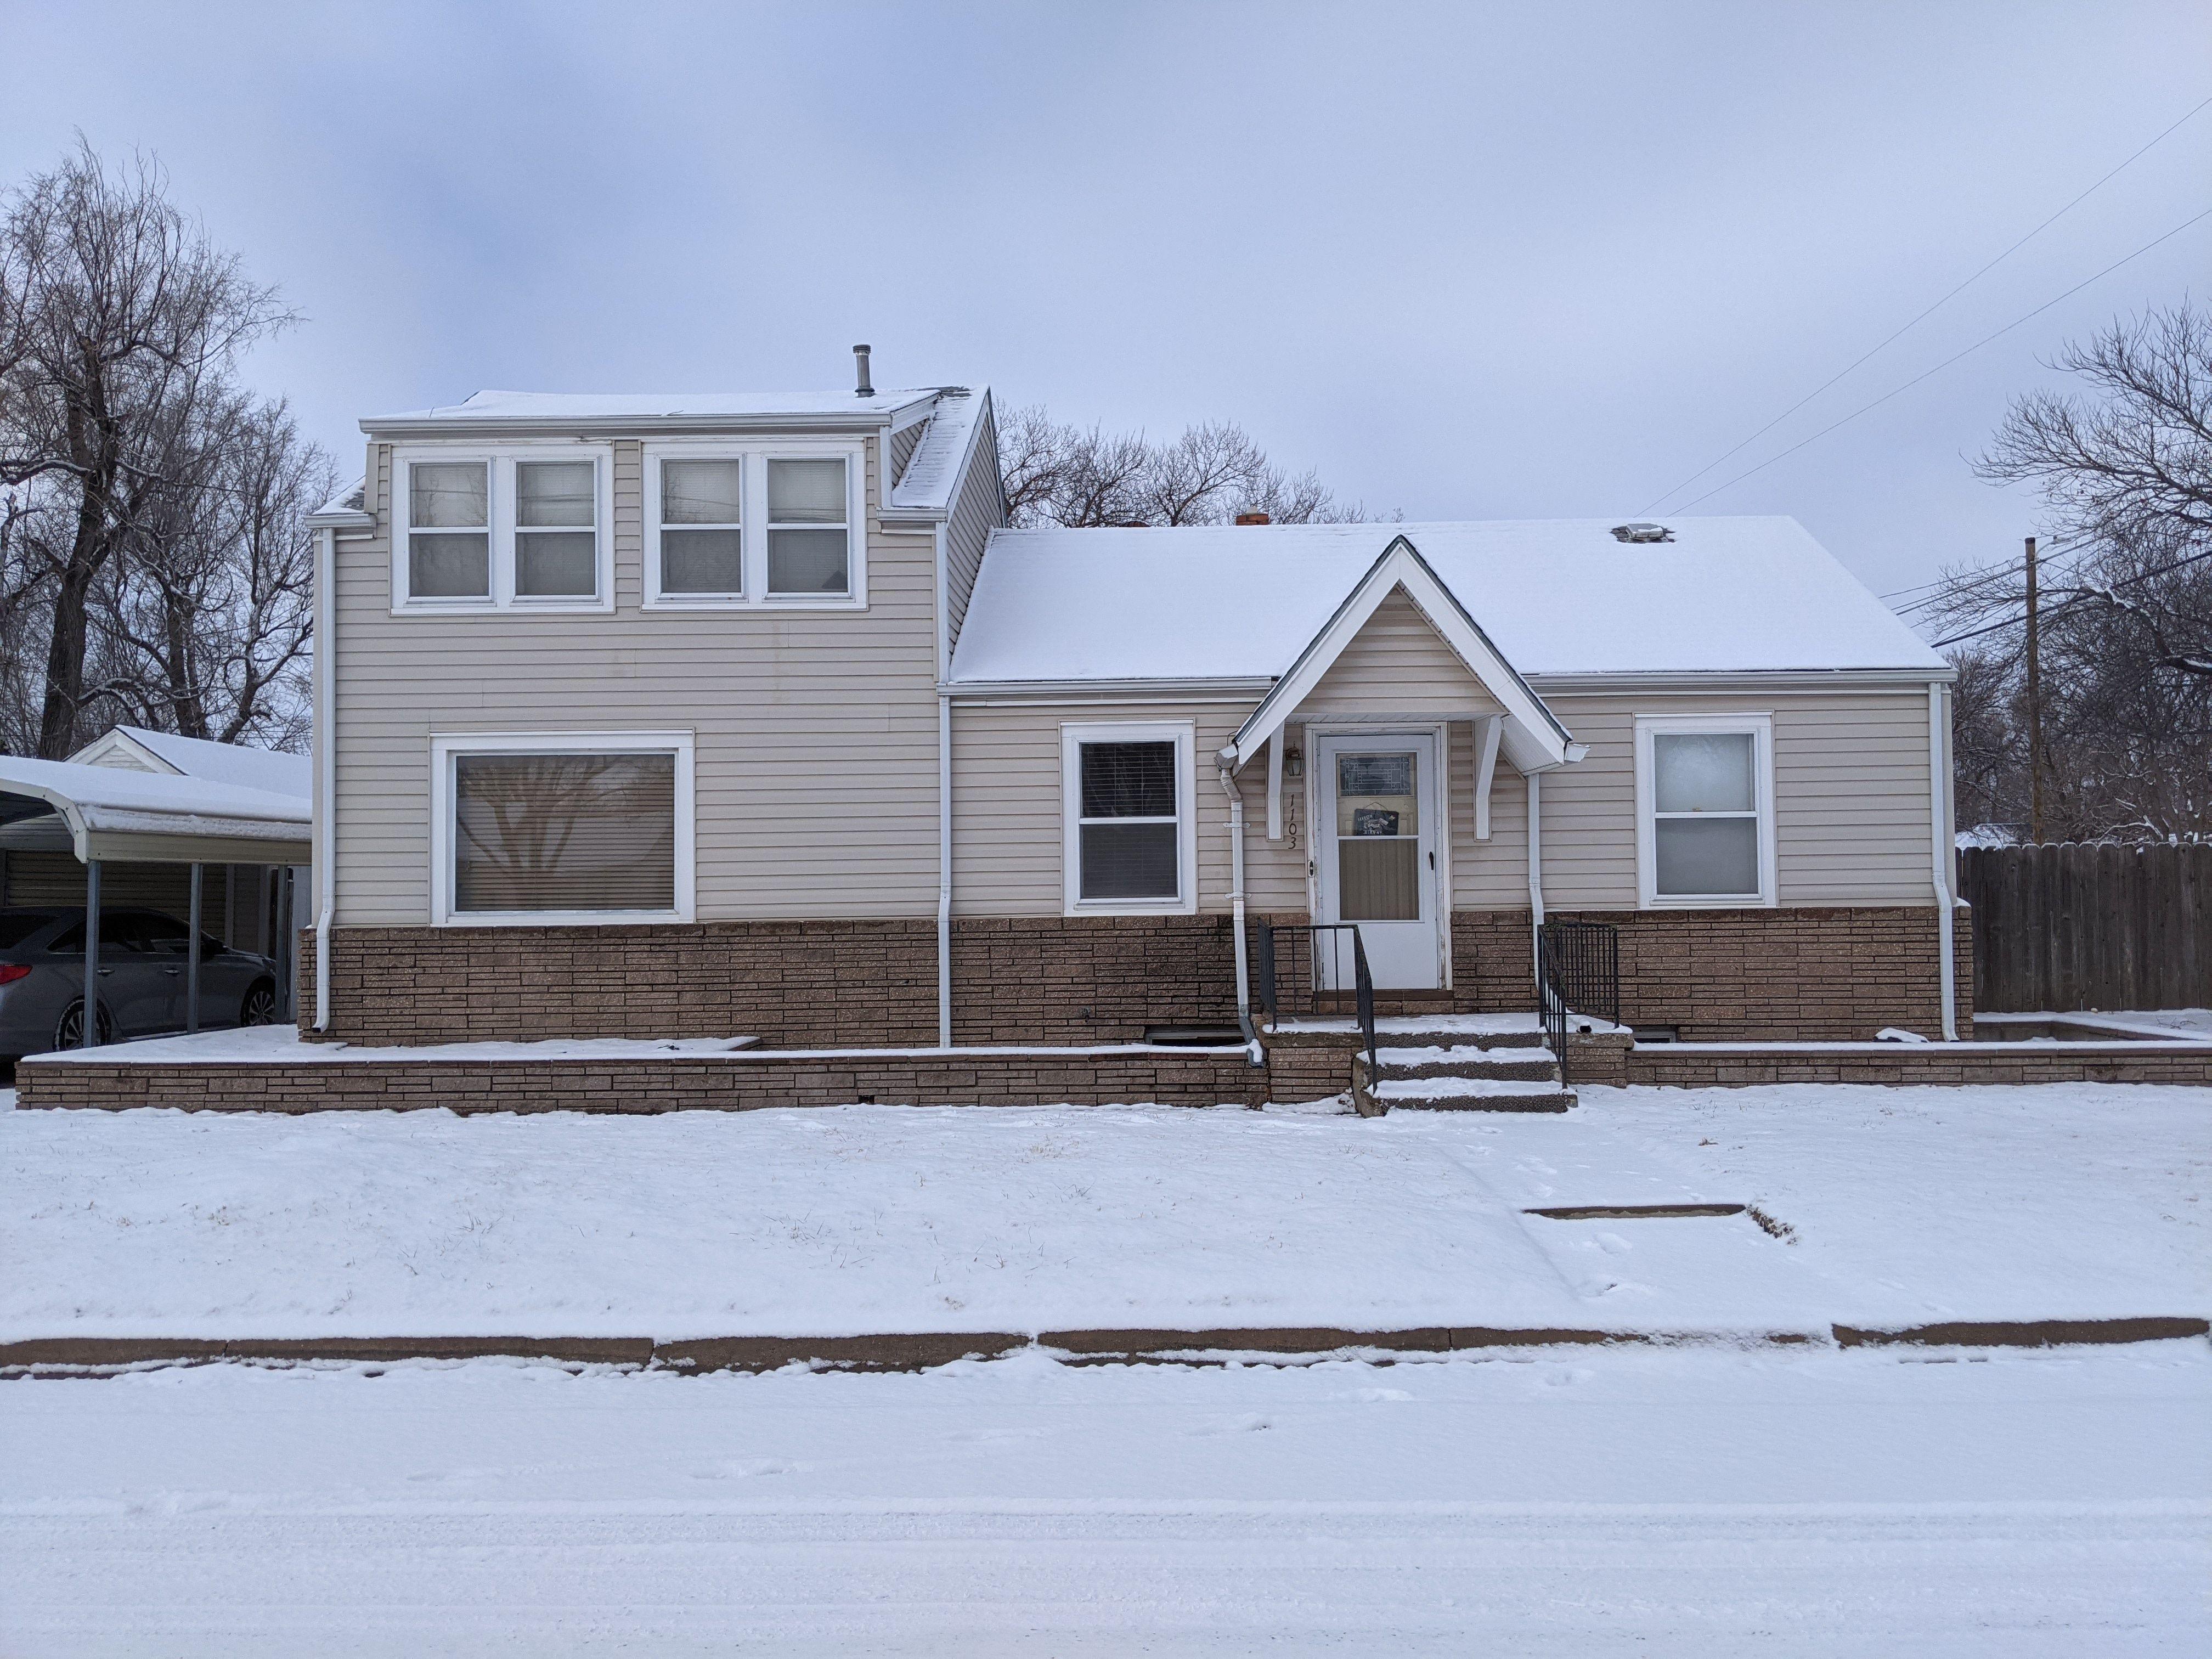 1103 N Van Buren St, Hutchinson, KS